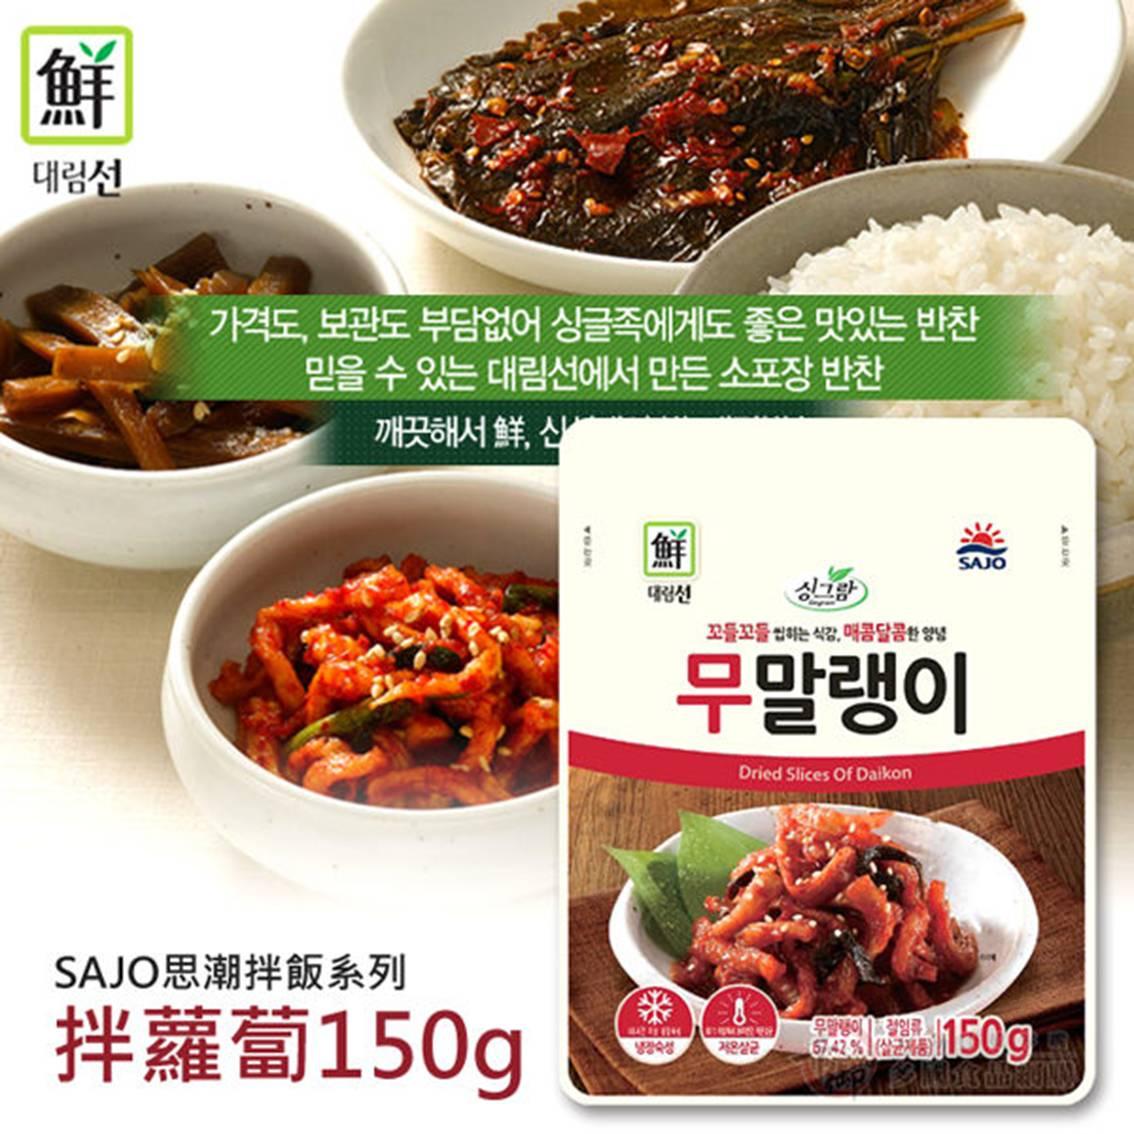 韓國SAJO思潮拌飯系列 拌蘿蔔150g   【樂活生活館】